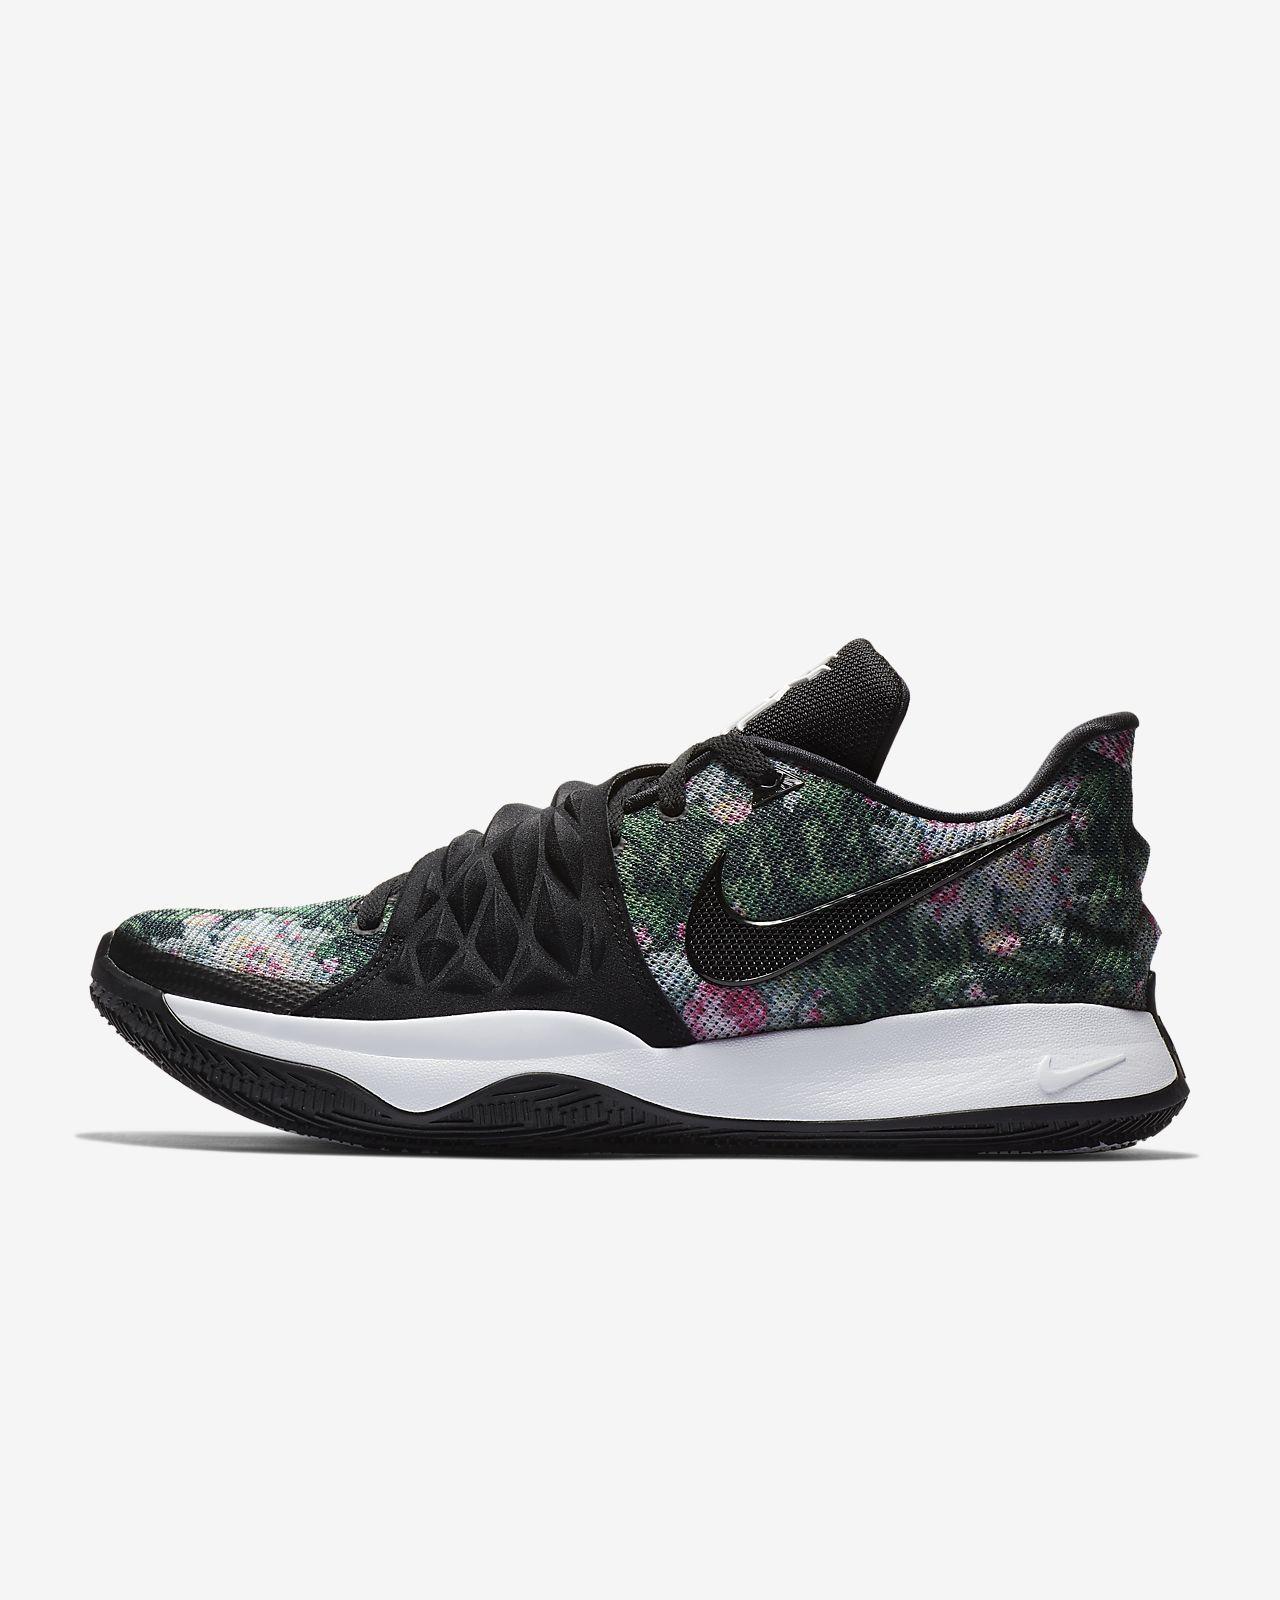 Kyrie Low Zapatillas de baloncesto. Nike.com ES 1316c111a56